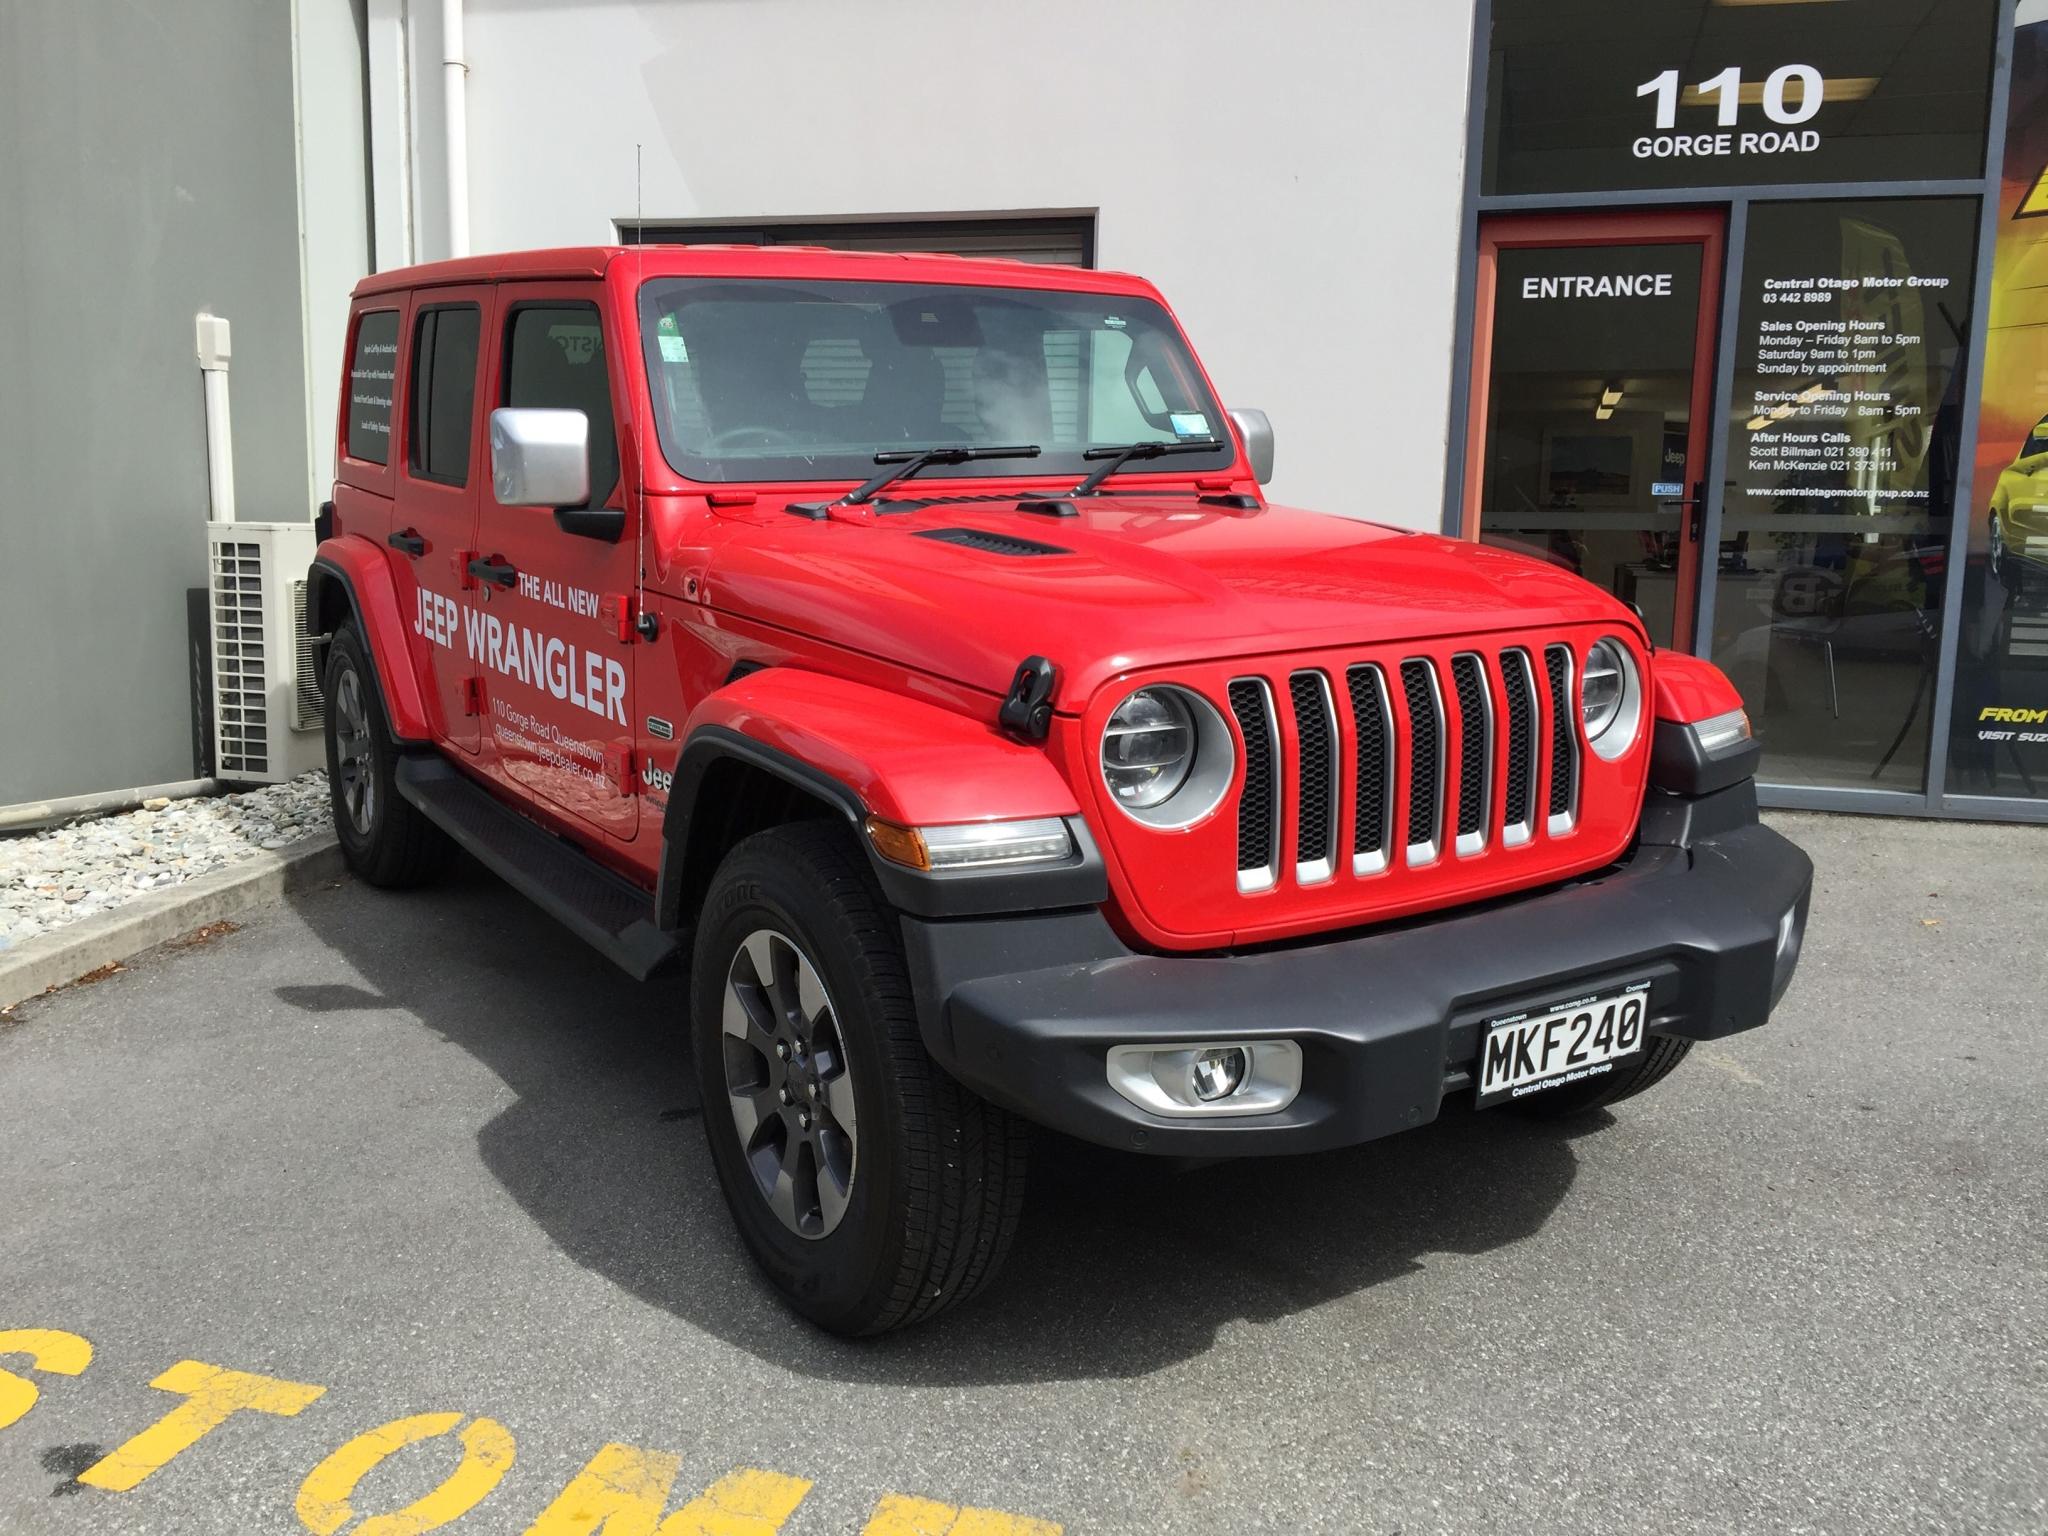 2019 Jeep Wrangler JL Overland 4 Door 3.6 8A